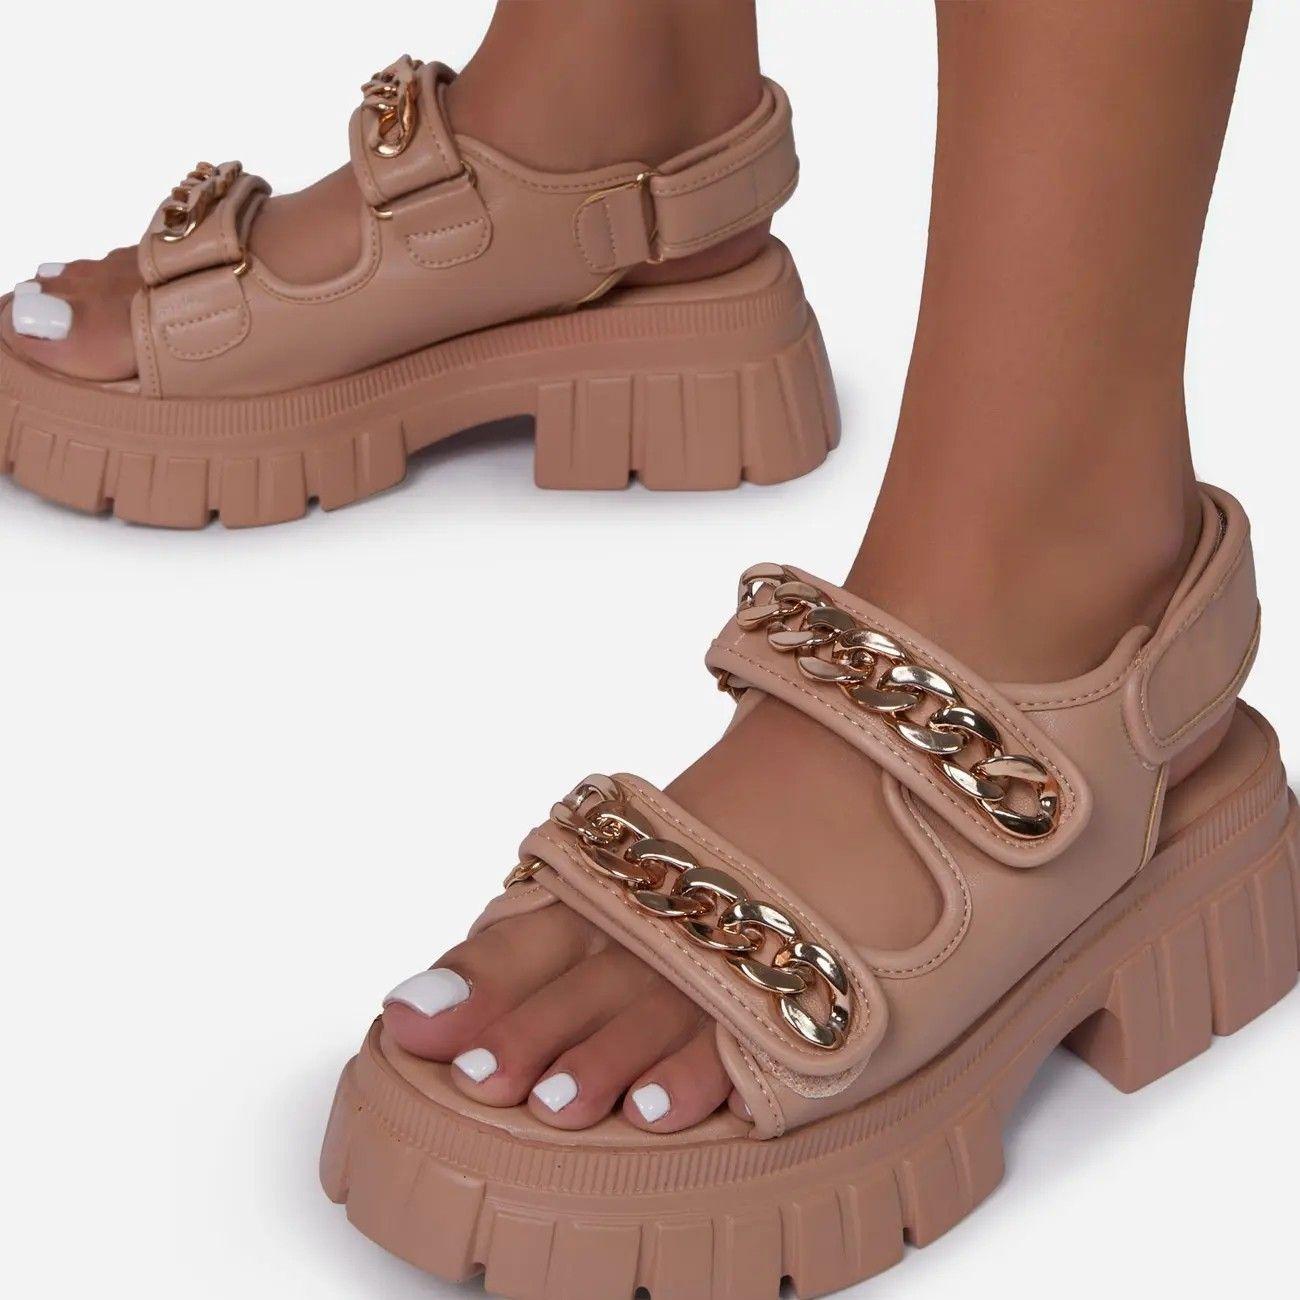 2021 Chaîne en métal Sandales d'une sangle Sandale d'été Femme Heels Chunky Sandales décontractées Couleur solide Cool All-Match Velcro Chaussures